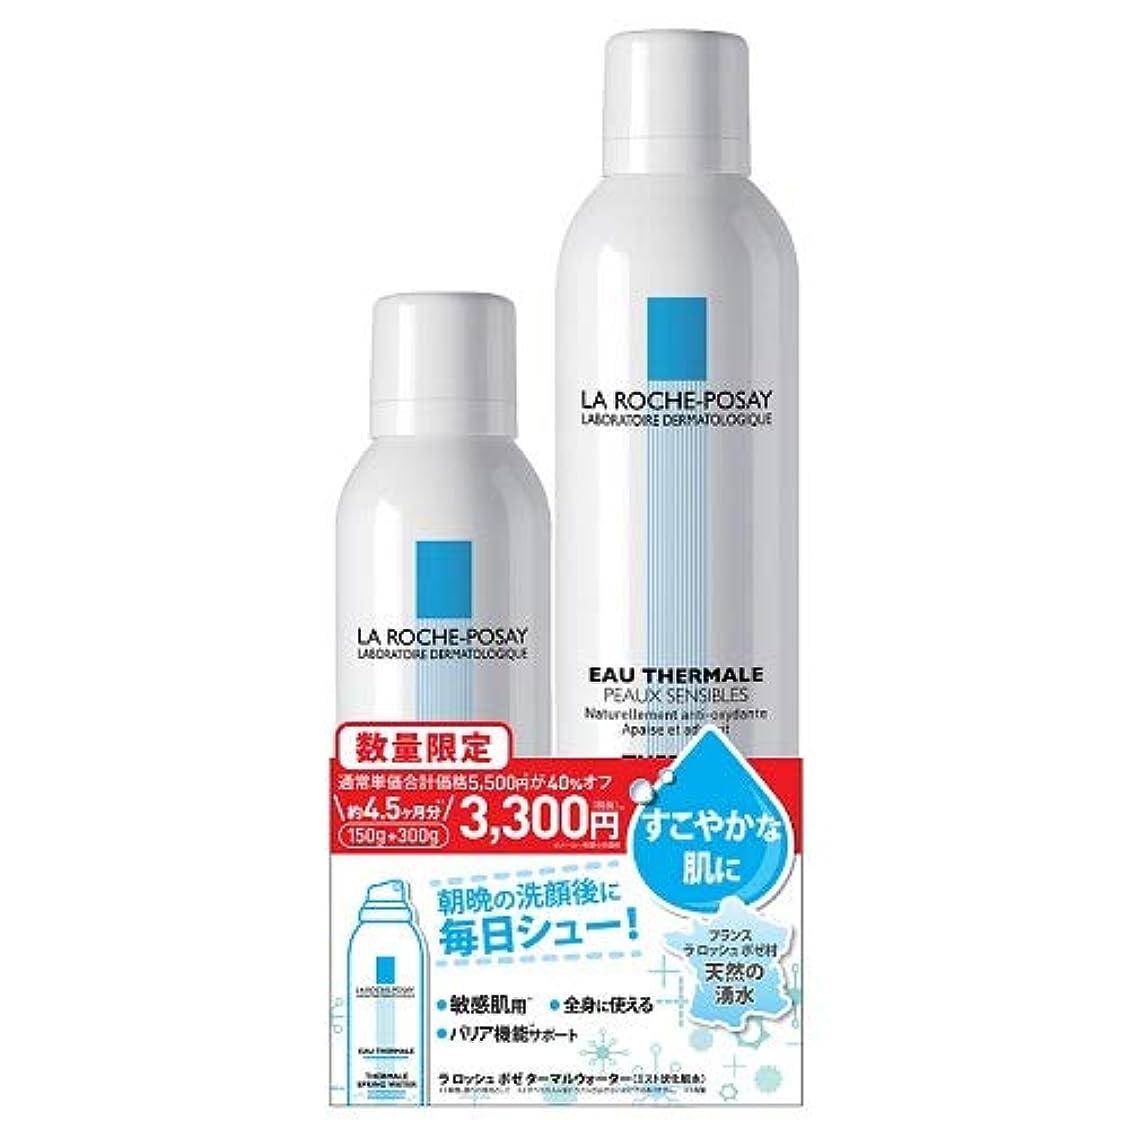 効果的に従来のプロジェクターLa Roche-Posay(ラロッシュポゼ) ターマルウォーター 300g+150g 限定キット 2019 化粧水 無 無色 セット